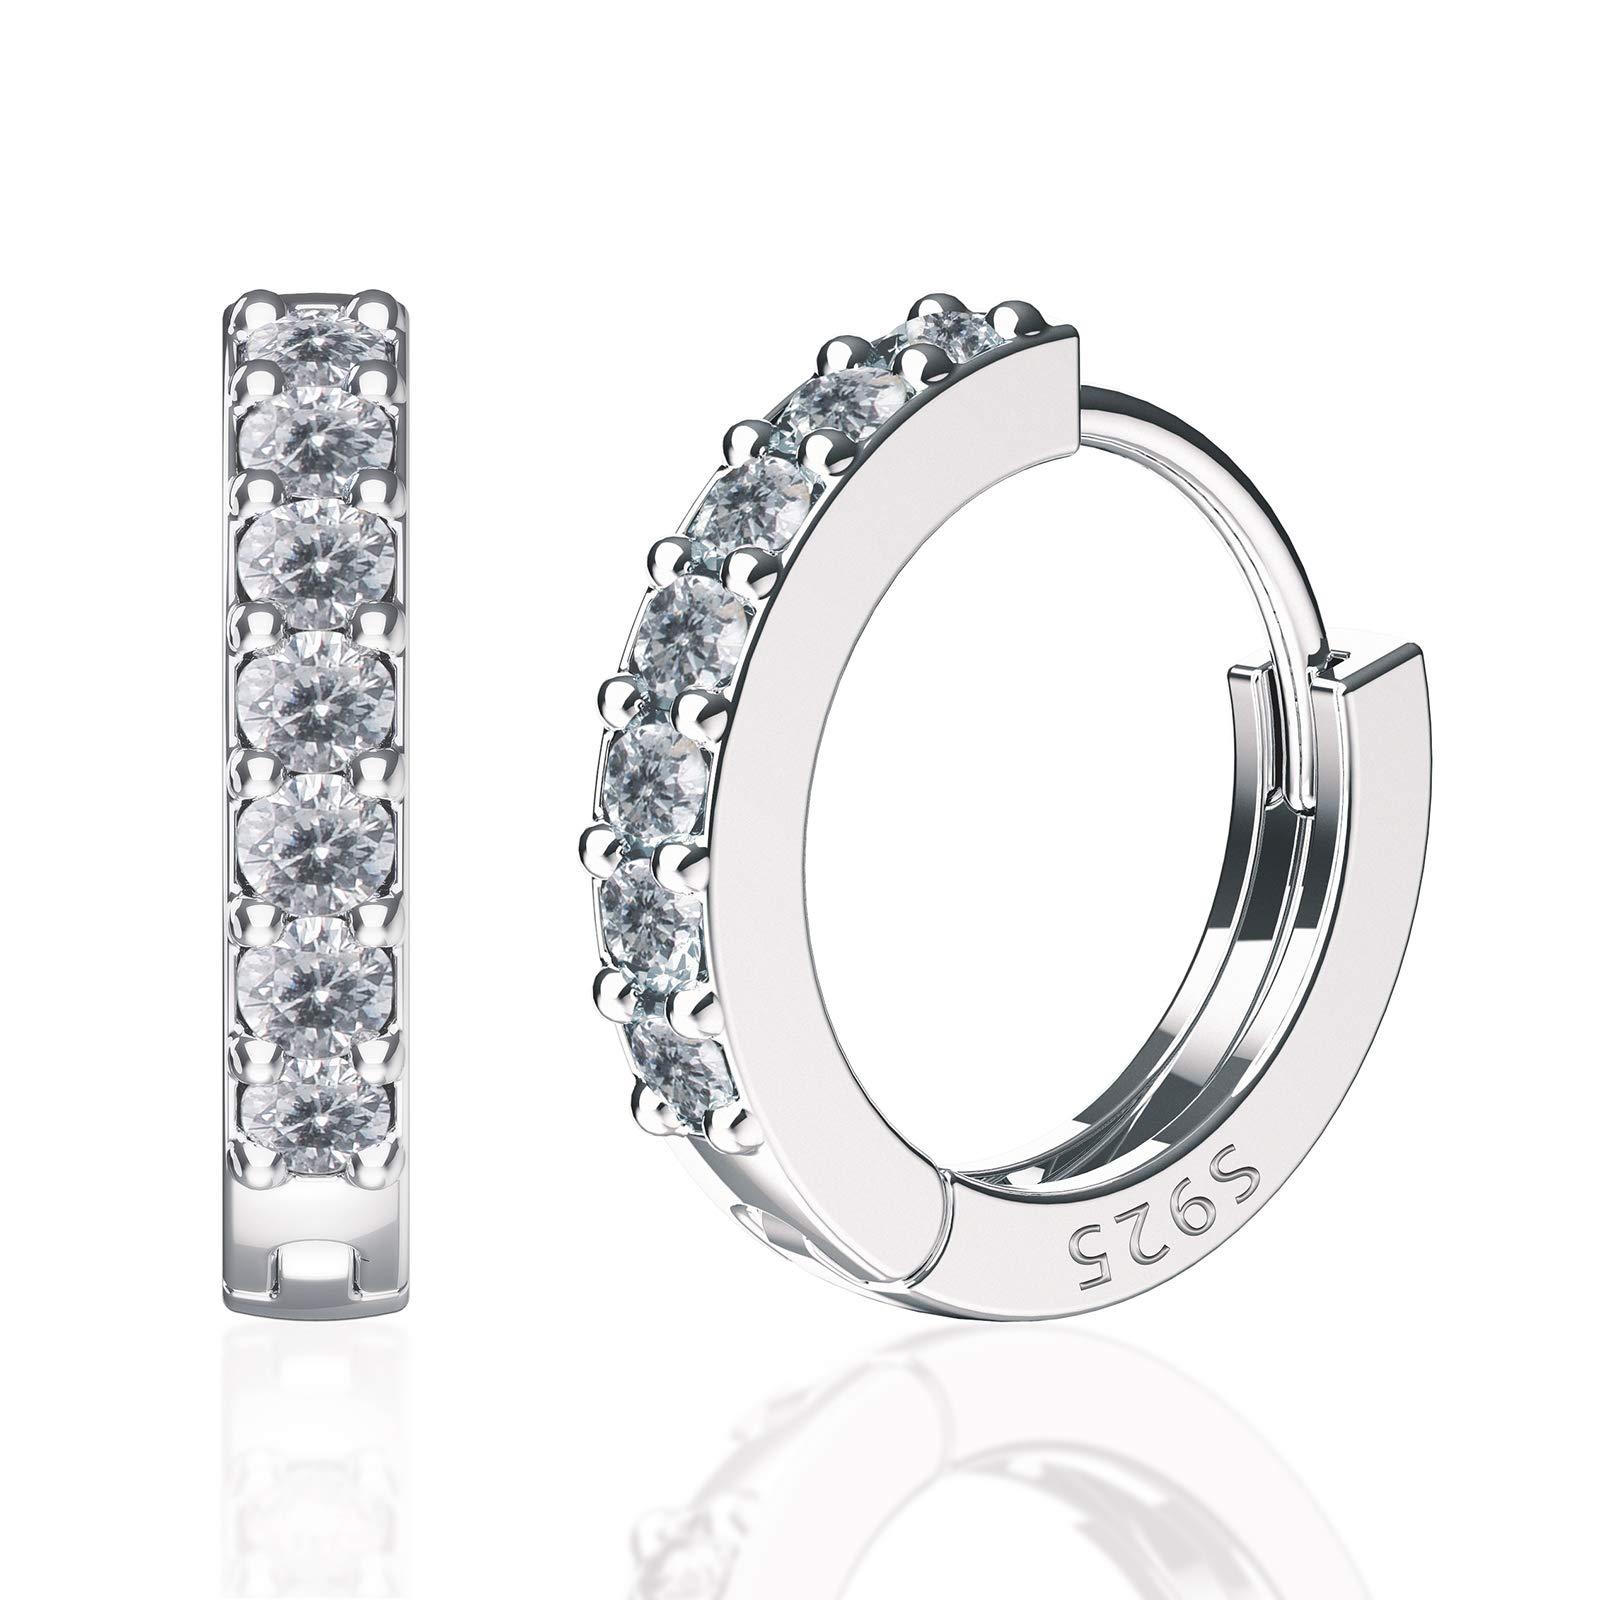 SWEETV 925 sterling silver small hoop earrings for women girls - Tiny small huggie hoop earrings cubic zirconia,Inner Diameter 9mm